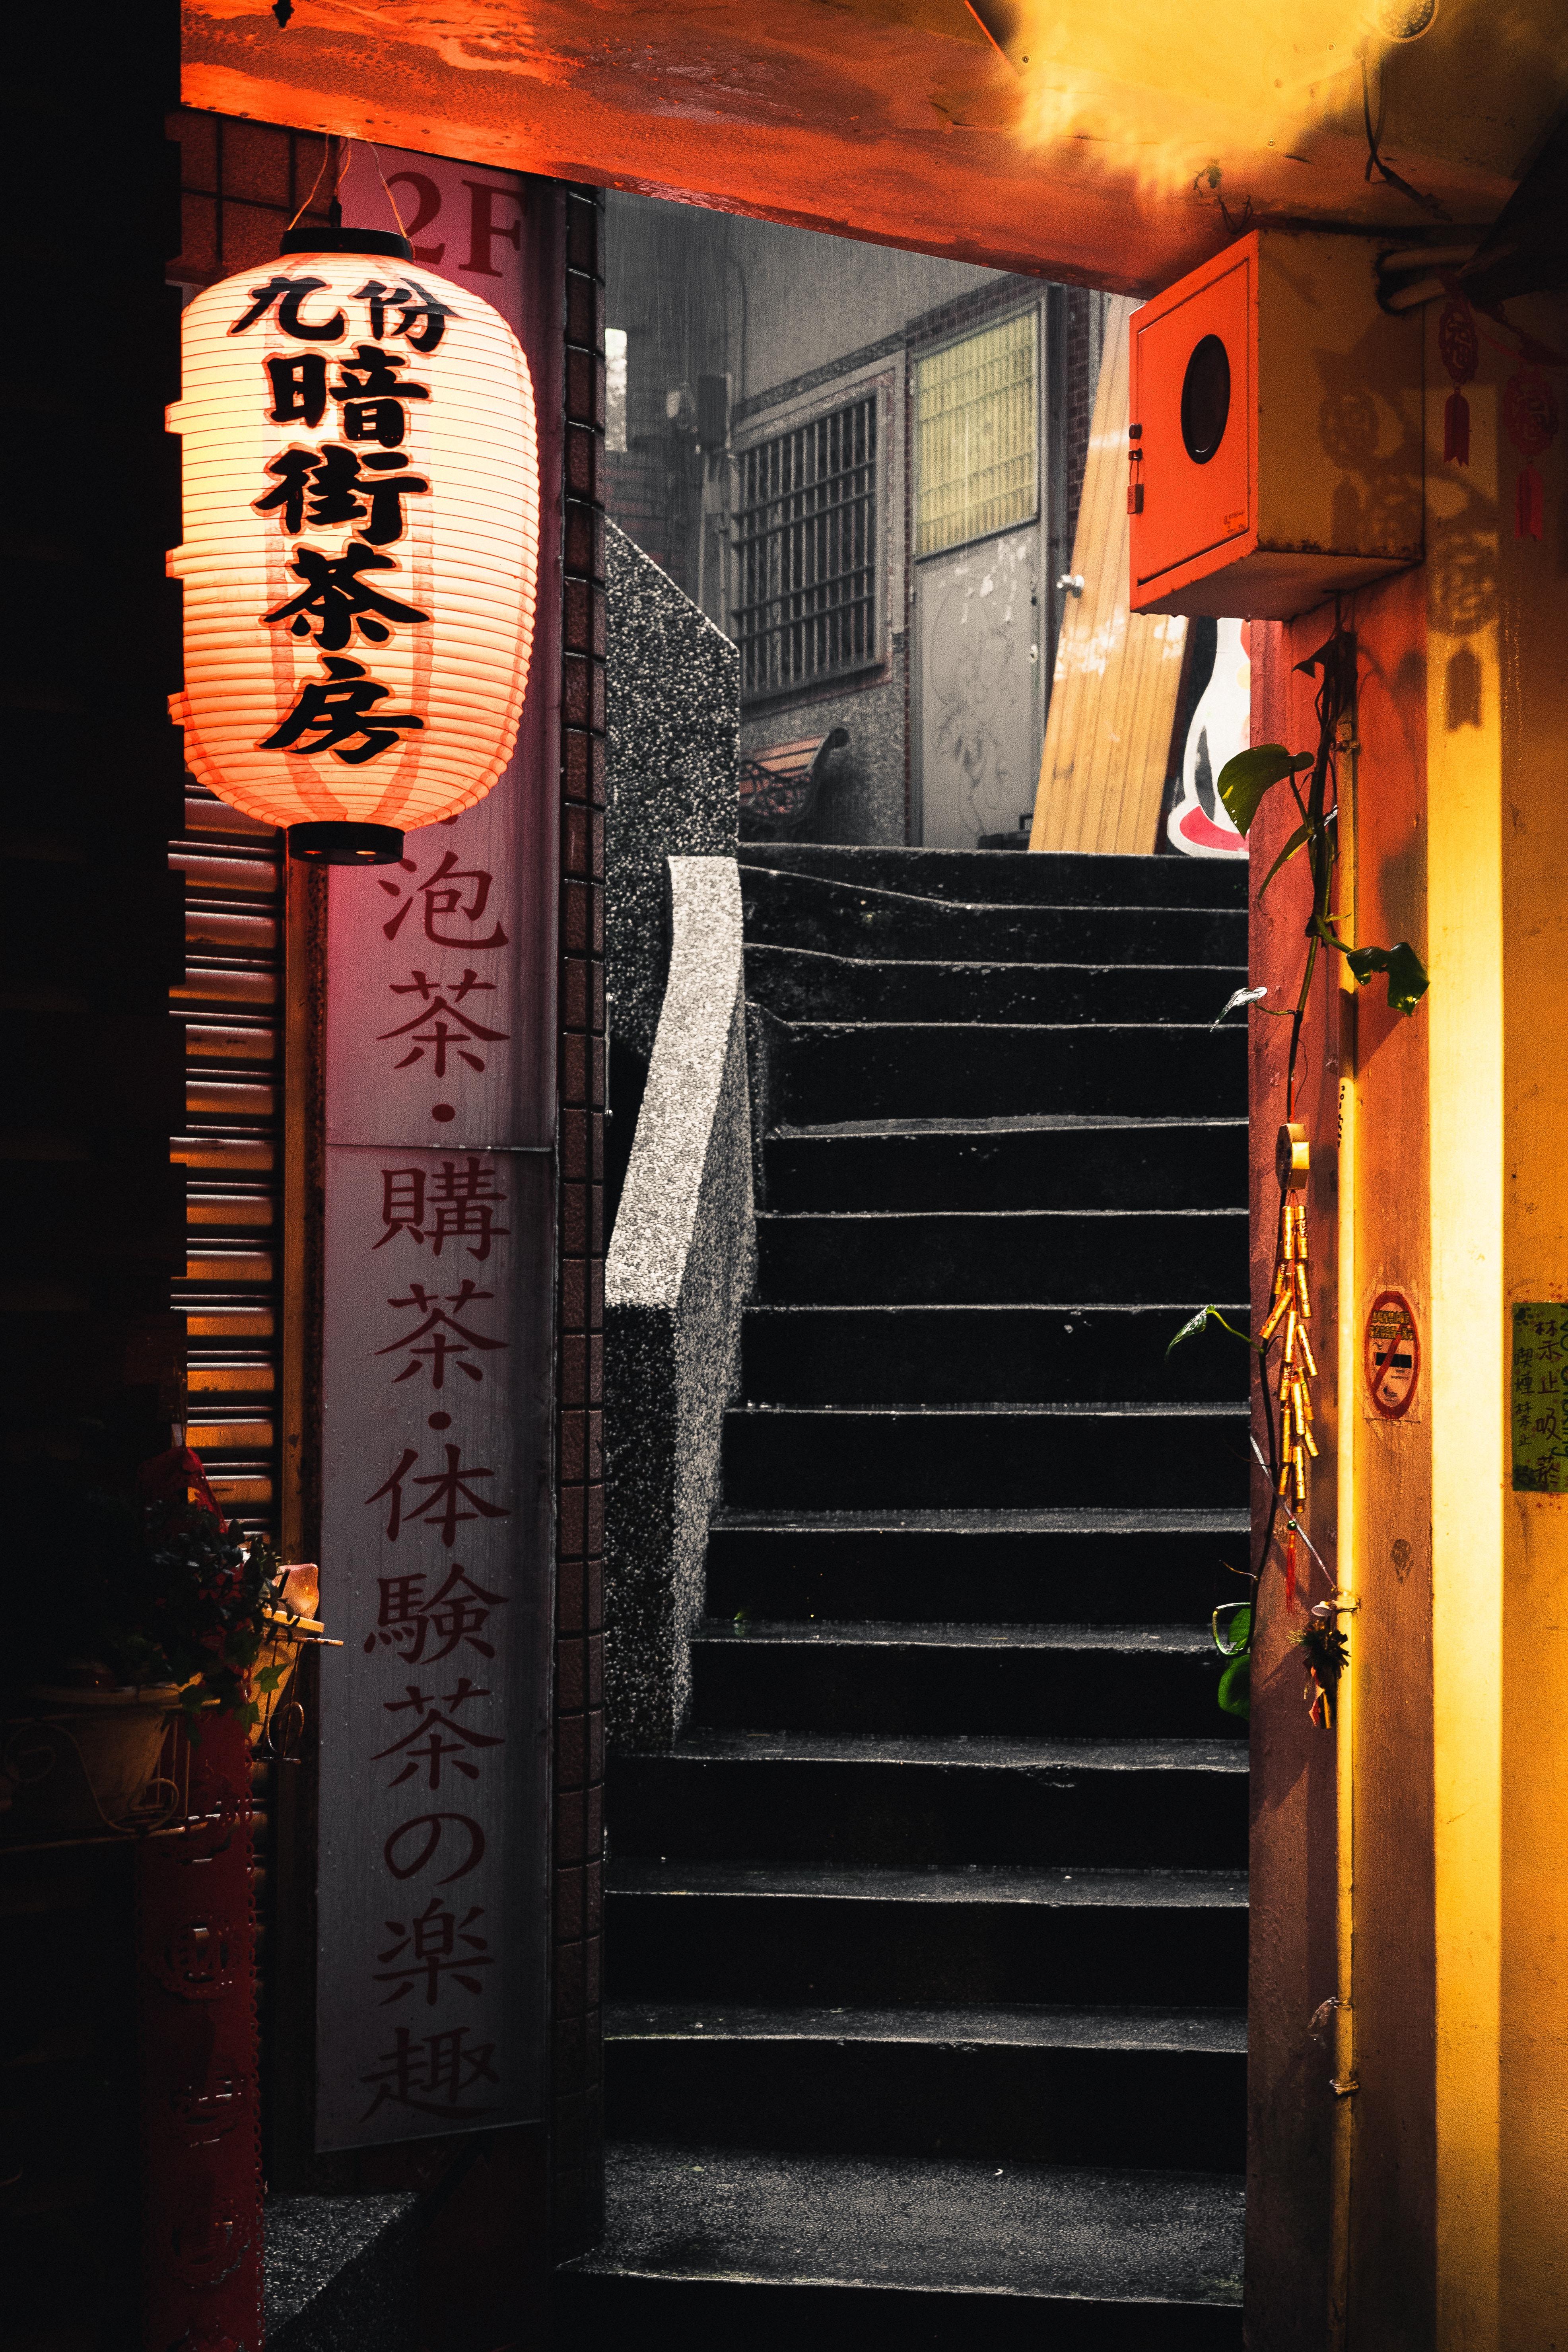 Lanterne asiatique dans une ruelle avec des marches